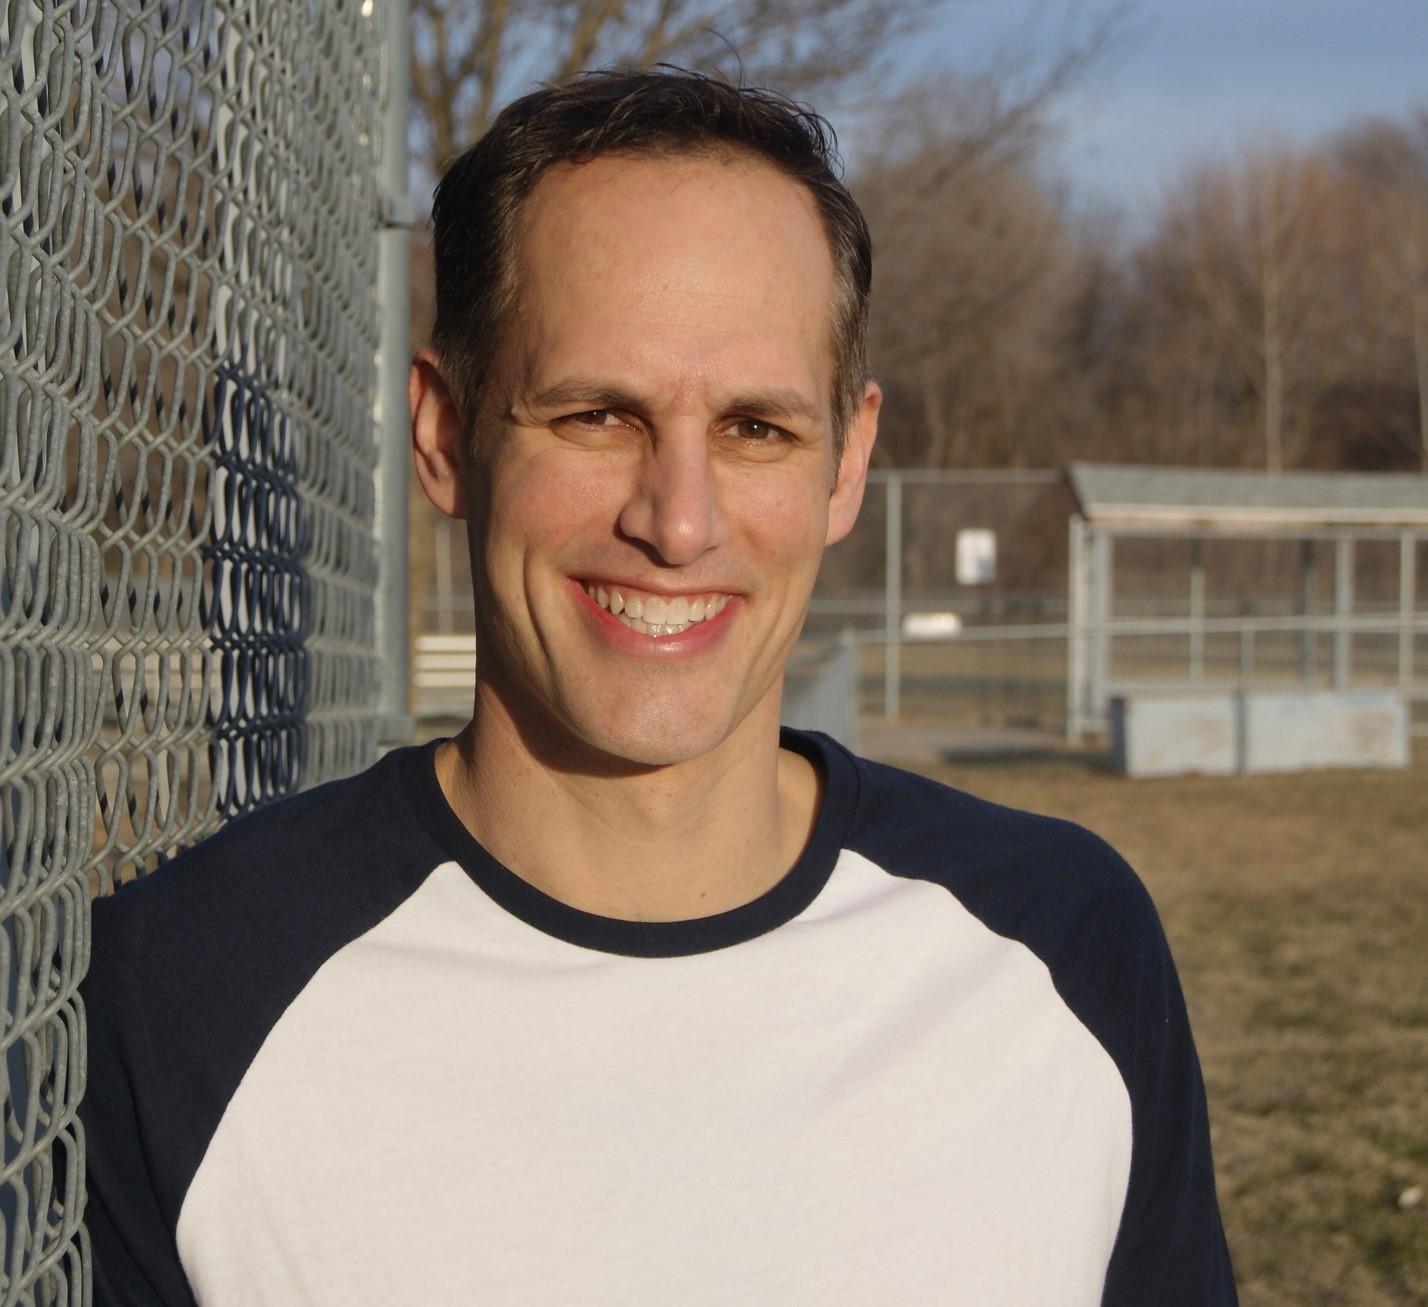 Scott Reister